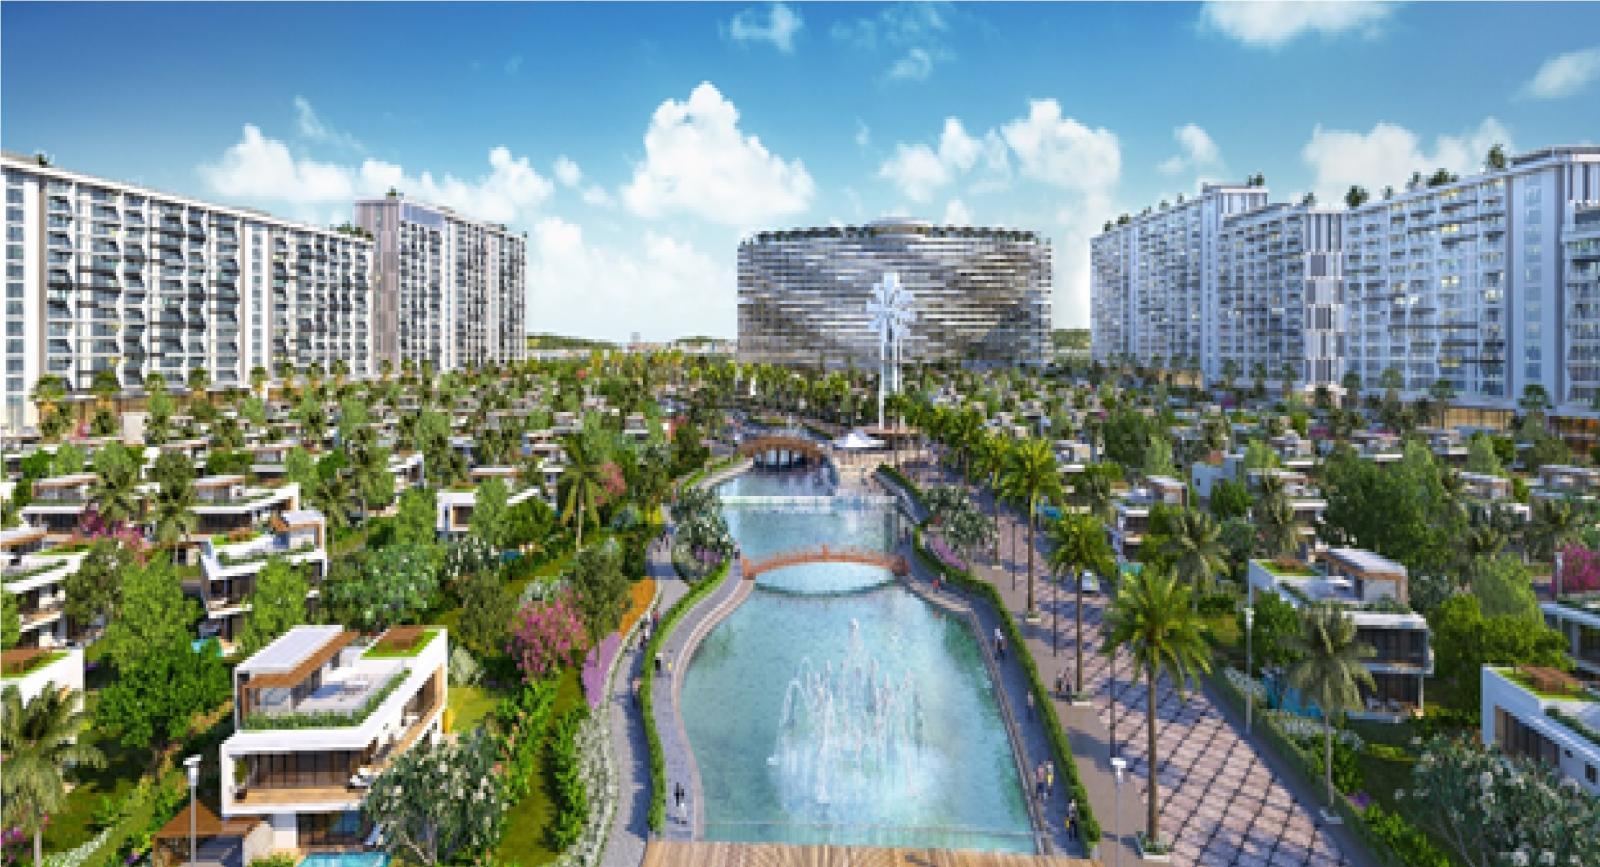 Hình phối cảnh biệt thự nghỉ dưỡng, condotel và khách sạn nằm hai bên một hồ nước, xen kẽ là nhiều cây xanh